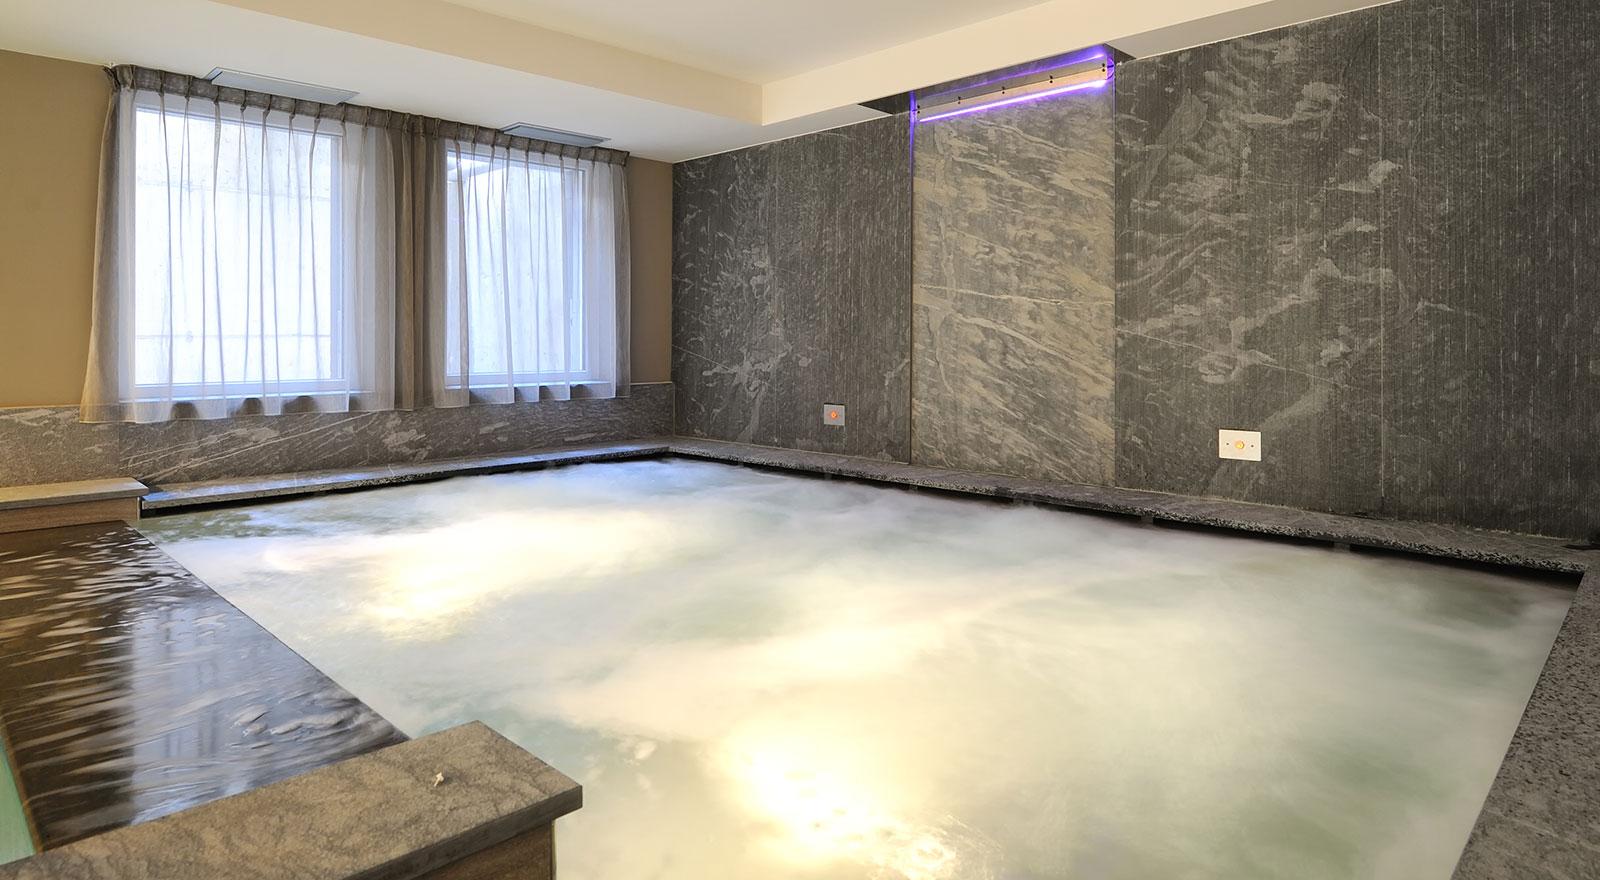 Albergo con piscina coperta a madonna di campiglio hotel crozzon - Albergo con piscina in camera ...